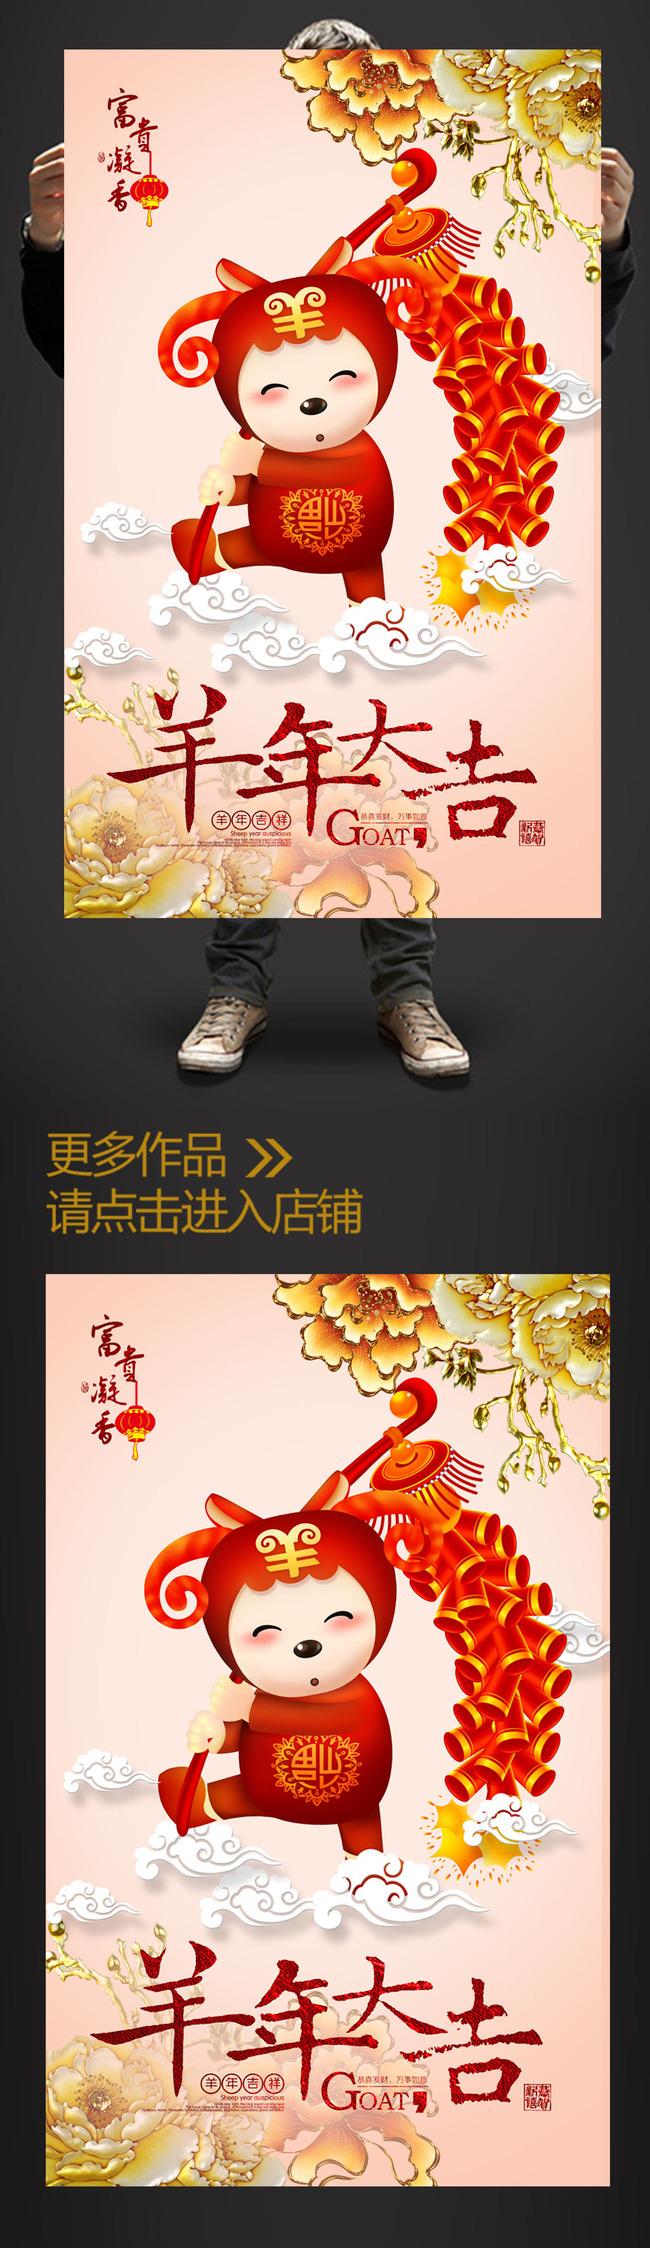 羊年背景 年终总结 2015羊年海报 羊年宣传画 春节 过年 年夜饭 水彩